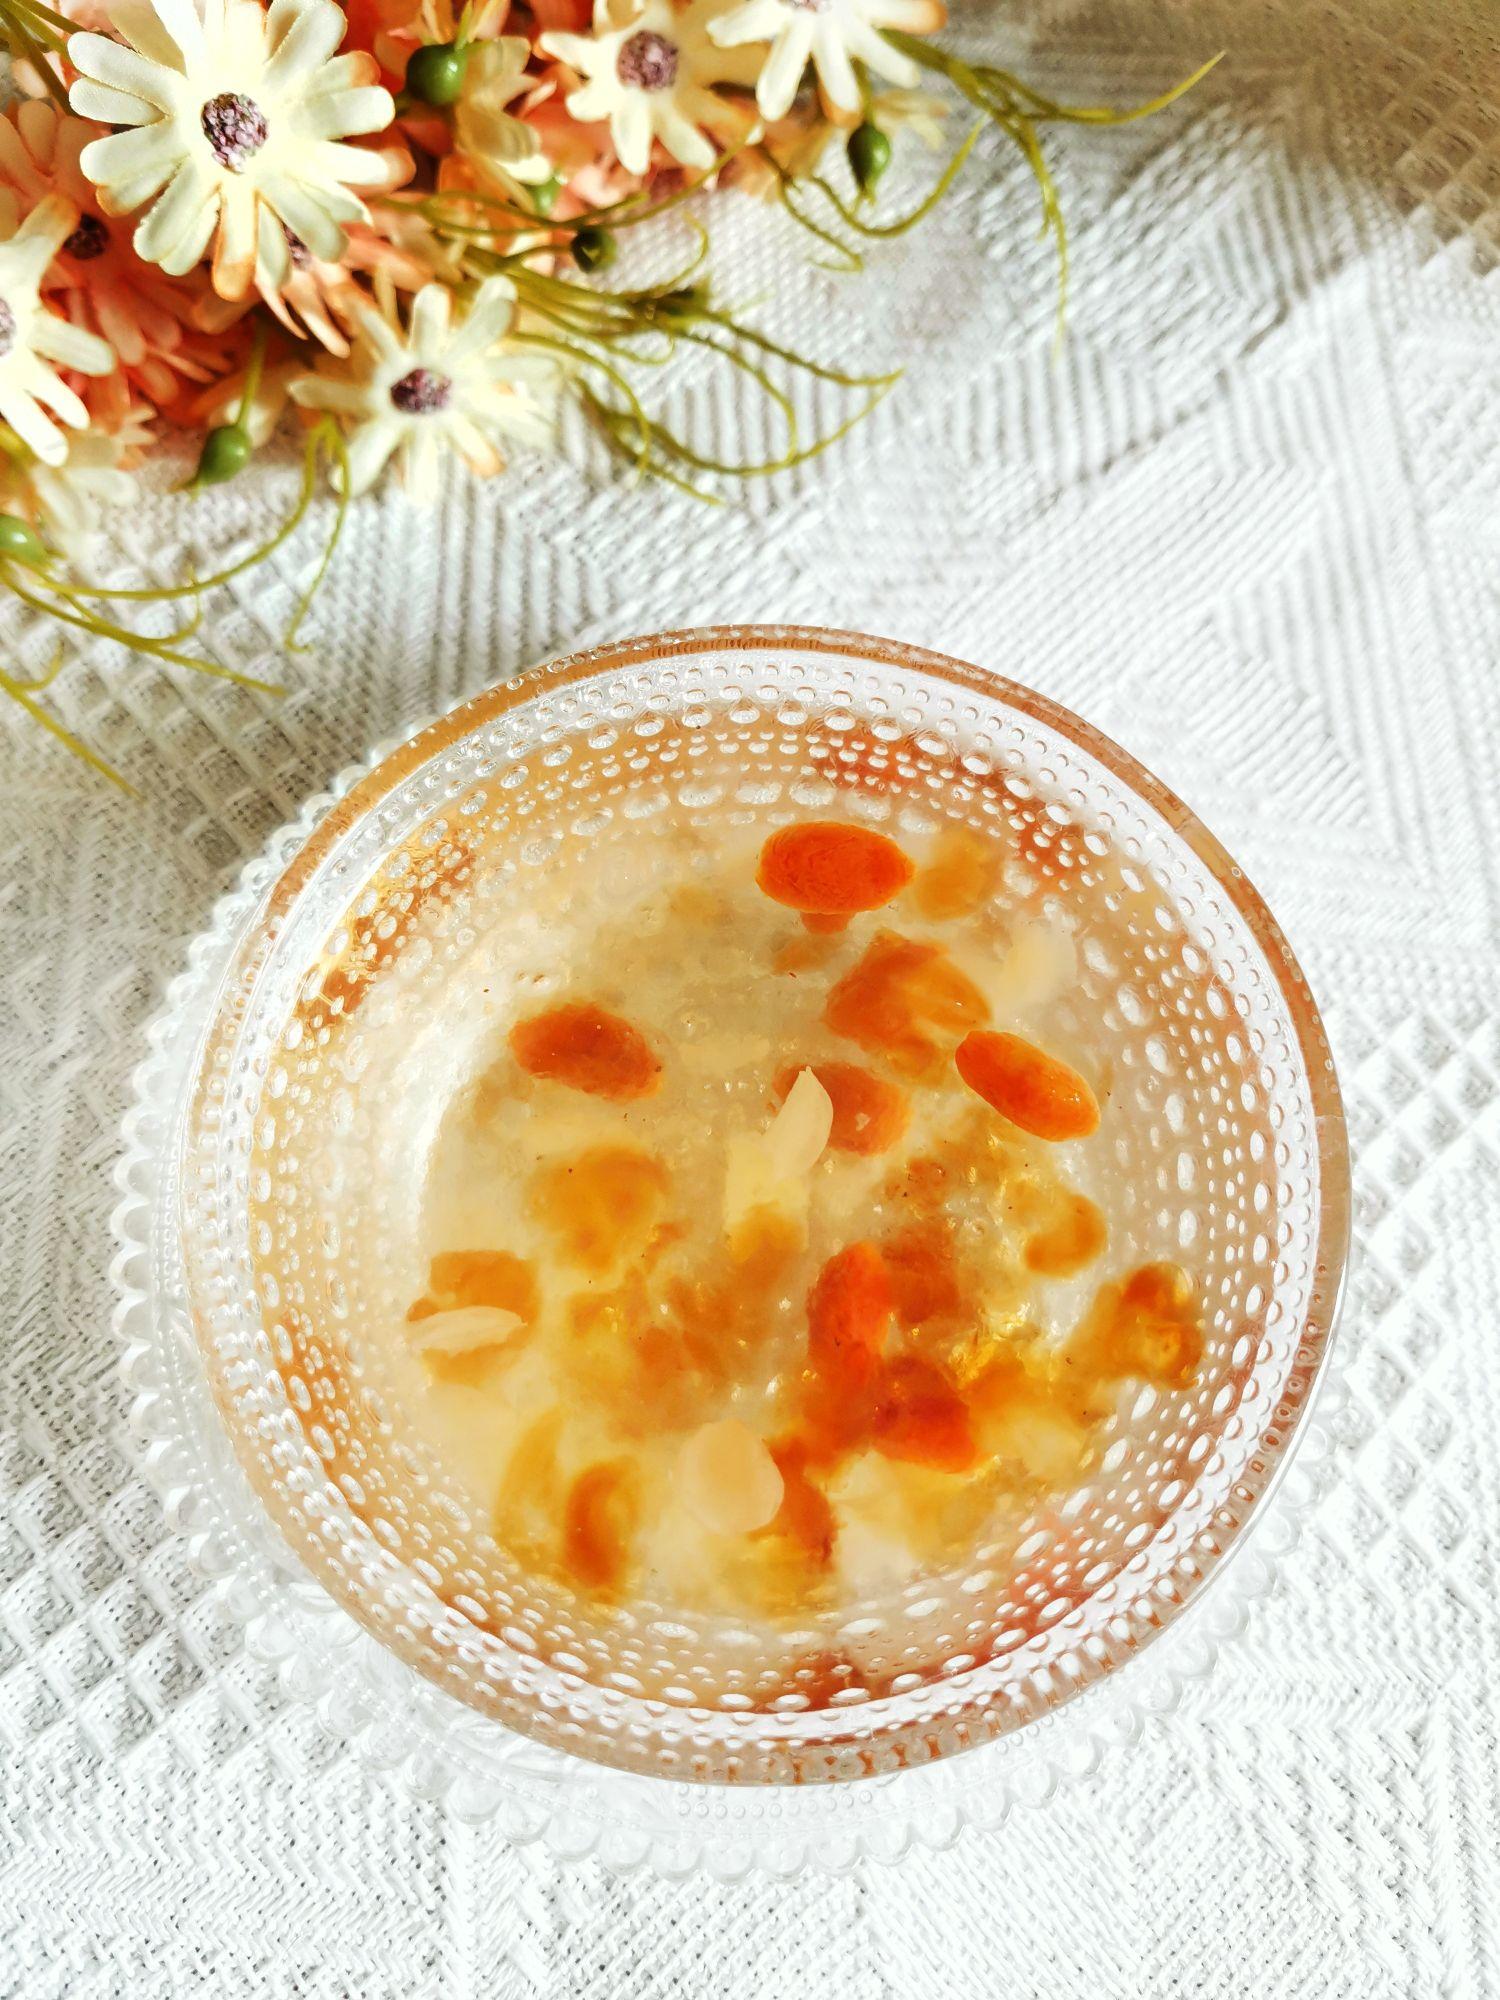 吃一碗相当于敷30张面膜的美味桃胶皂角米雪燕羹成品图